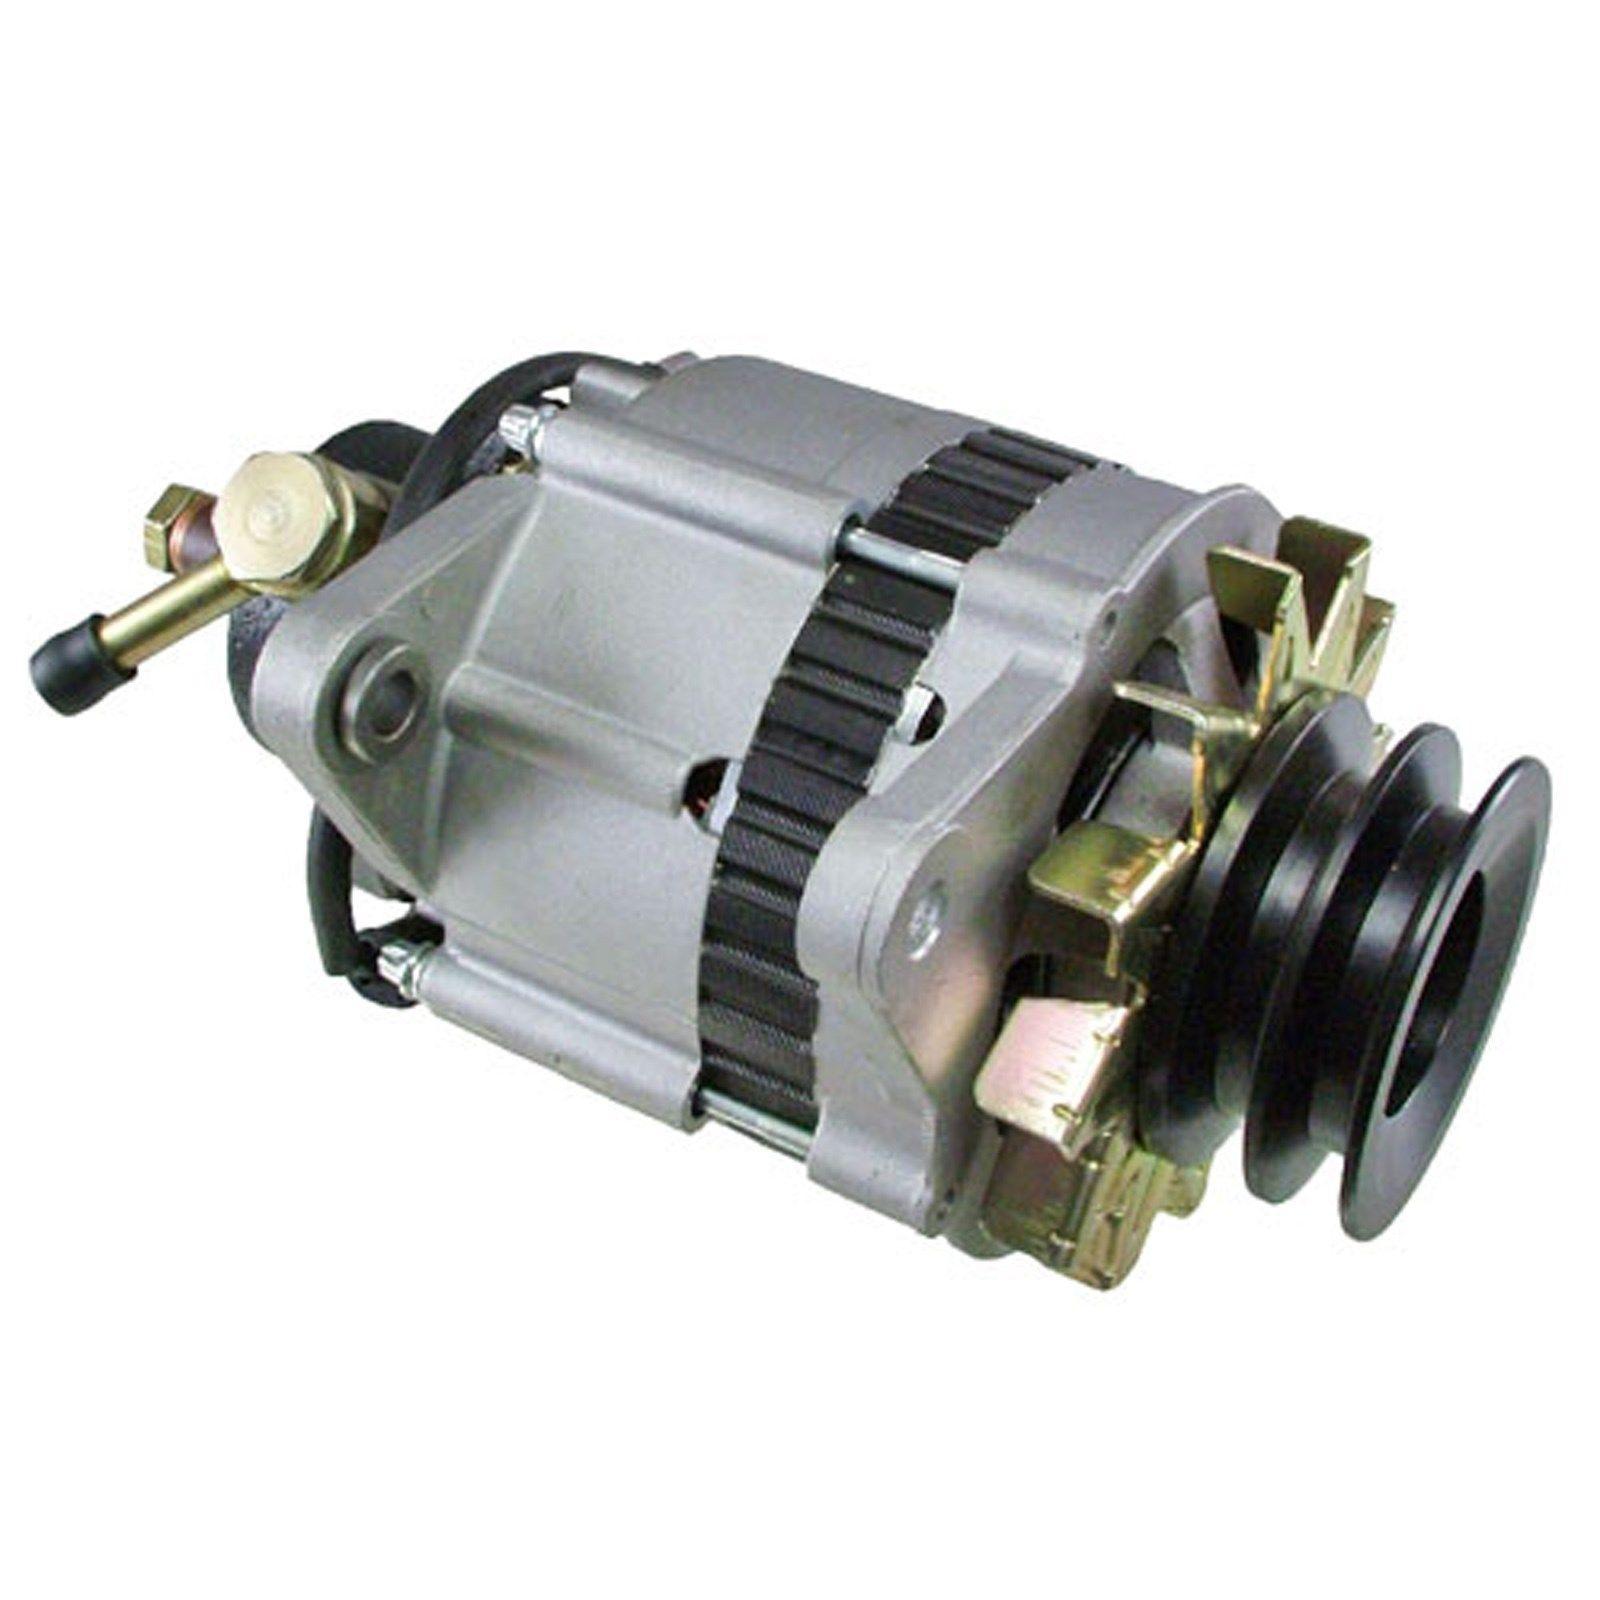 hight resolution of alternator for isuzu npr 3 9 3 9l turbo diesel w vac pump